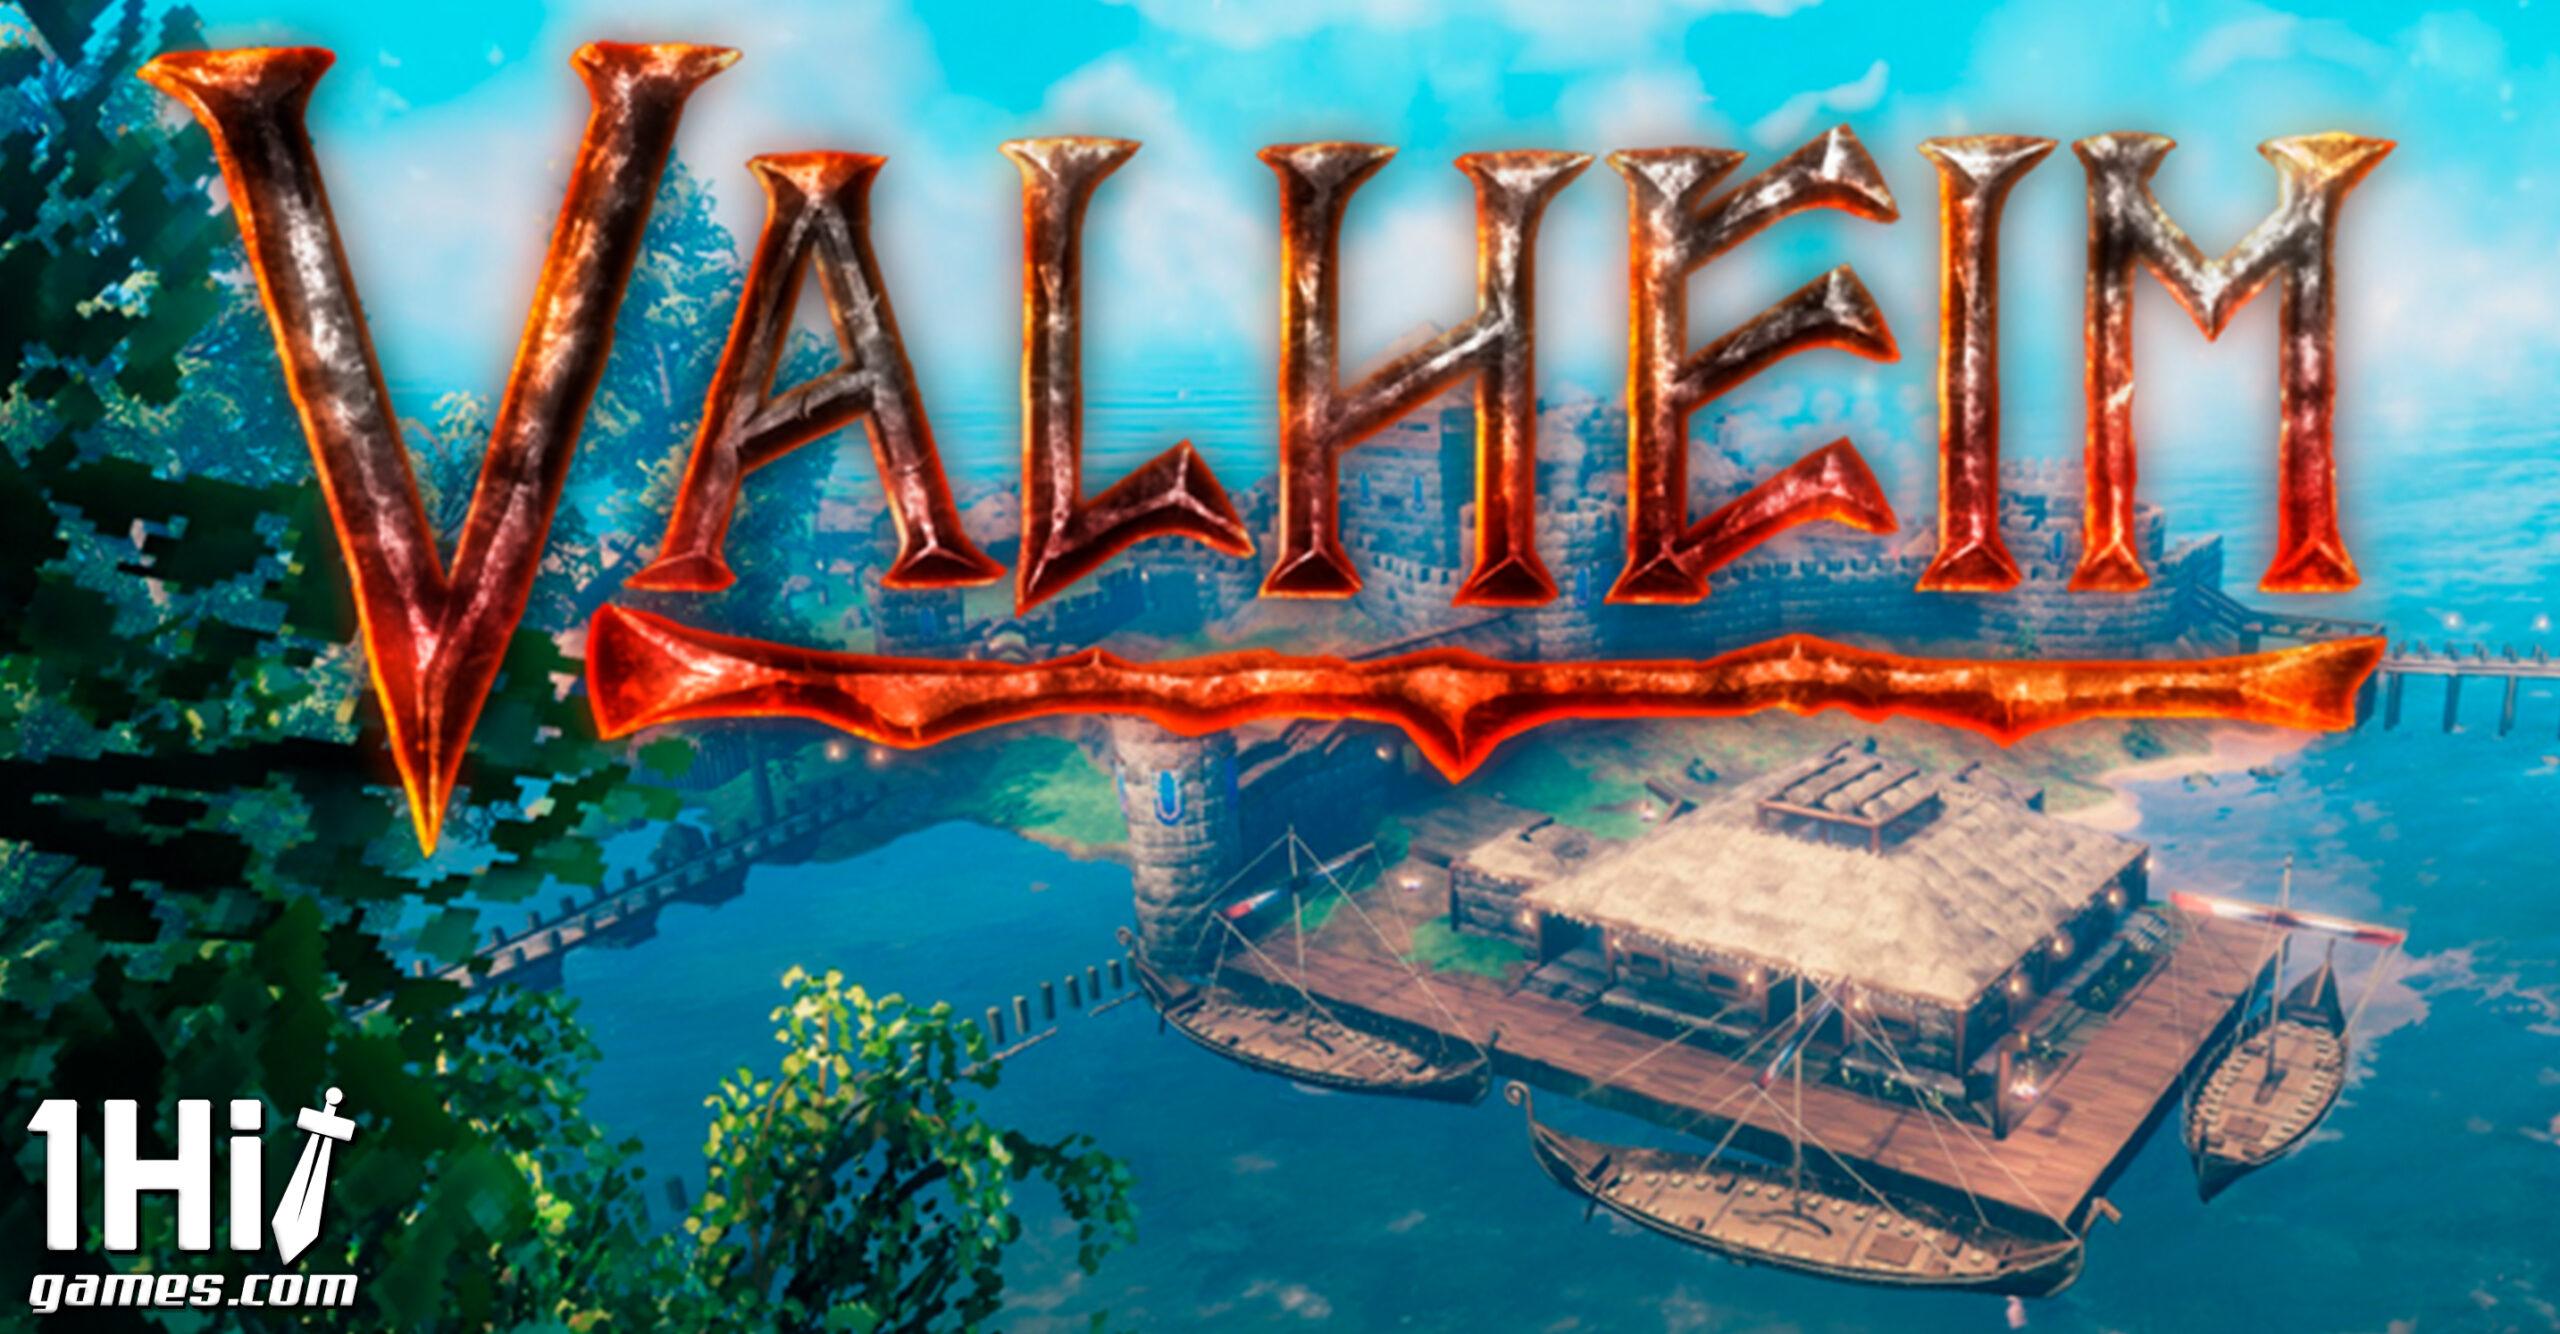 Hype: Valheim vem se destacando, veja conquistas do game